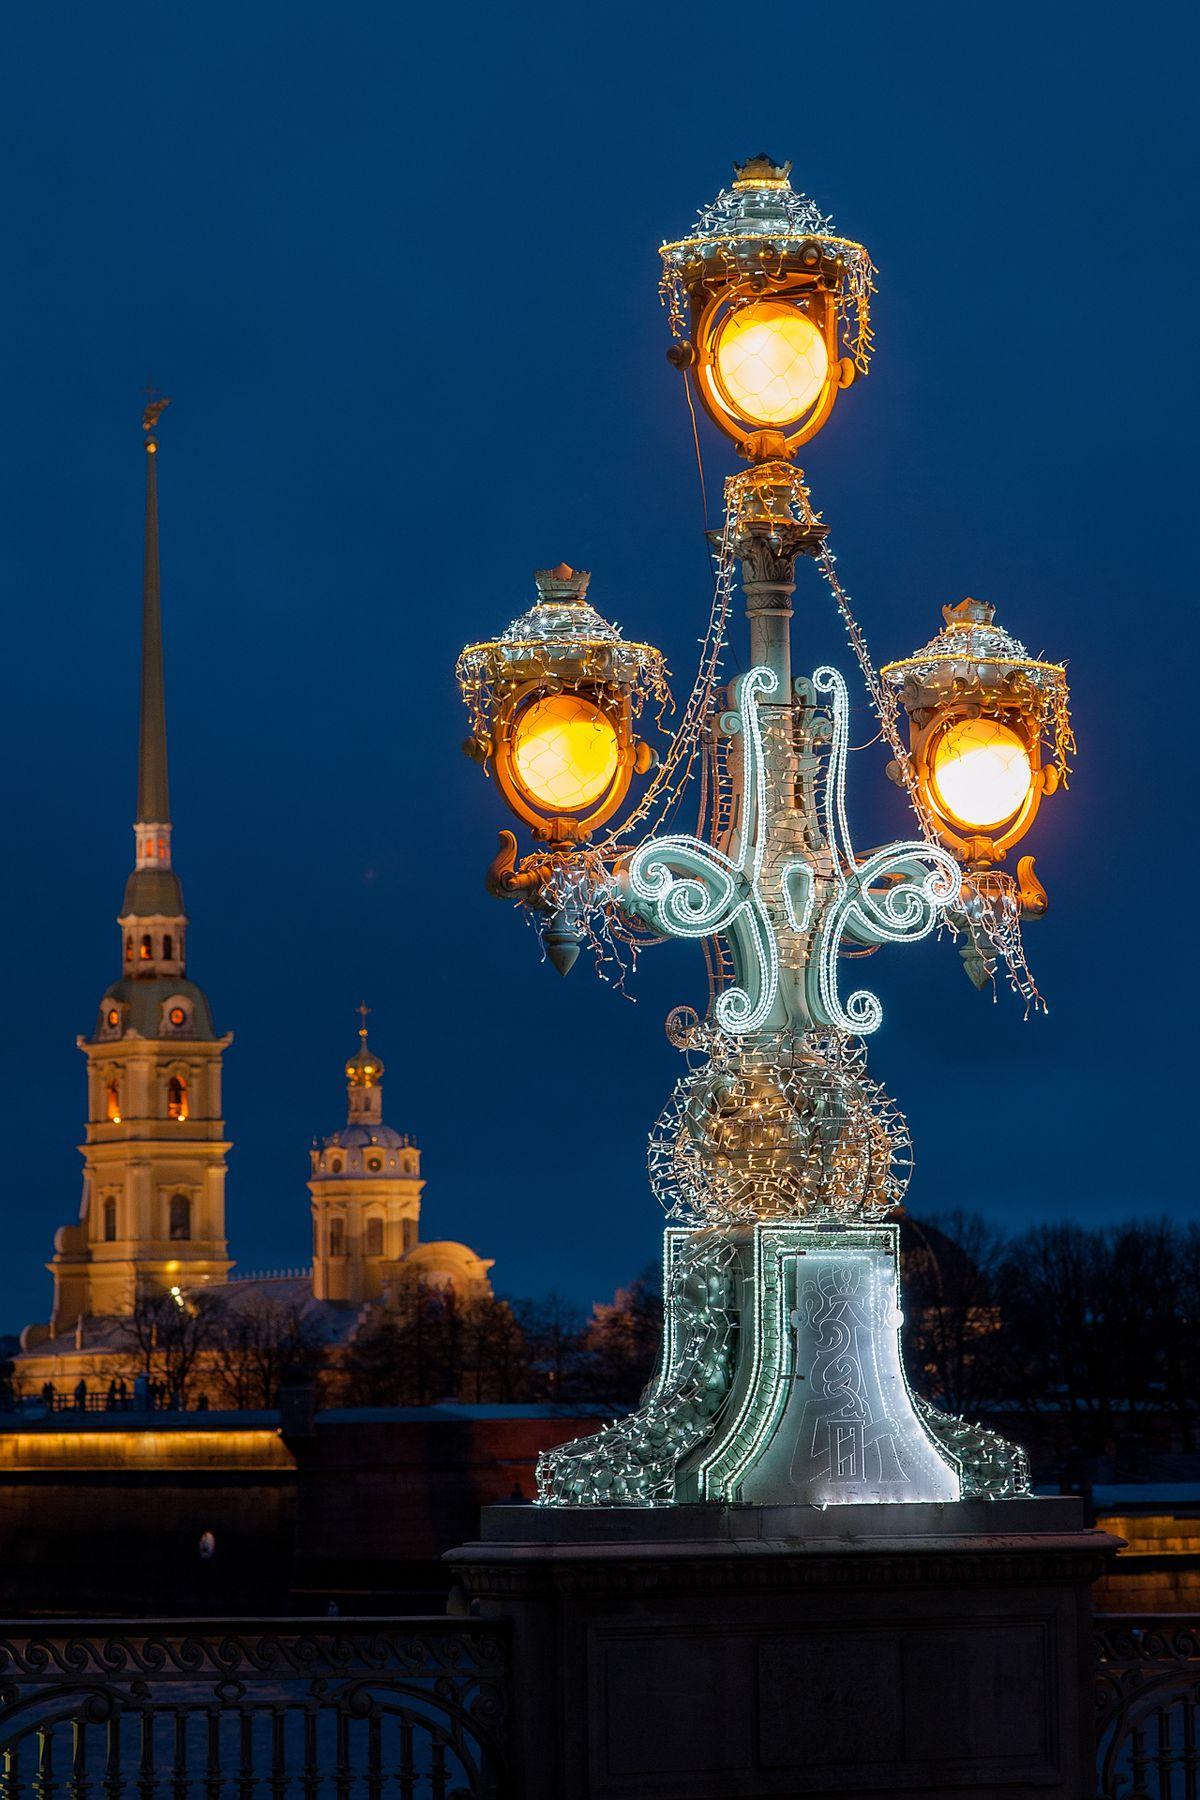 Ранние зимние сумерки на Троицком мосту в Санкт-Петербурге